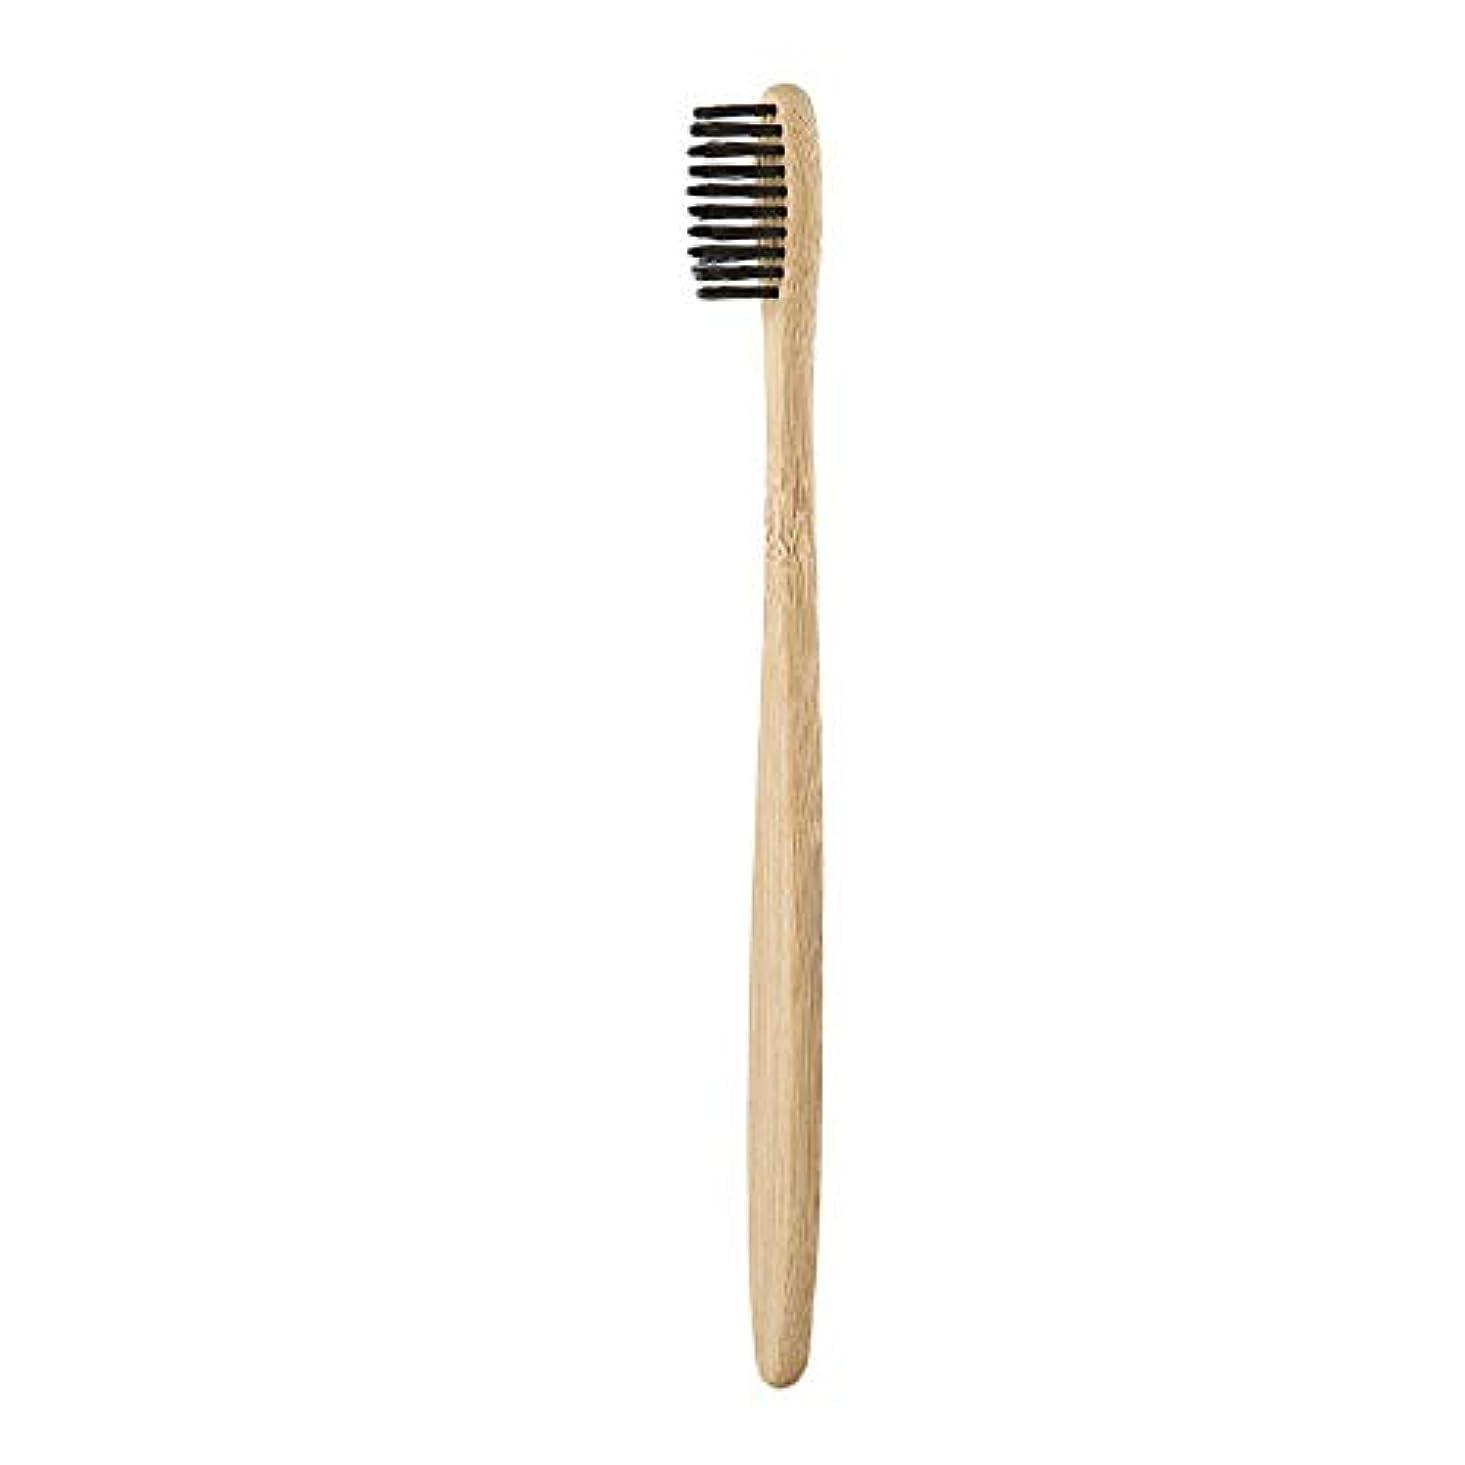 比喩突破口忌避剤手作りの快適な環境に優しい環境歯ブラシ竹ハンドル歯ブラシ炭毛健康オーラルケア-ウッドカラー